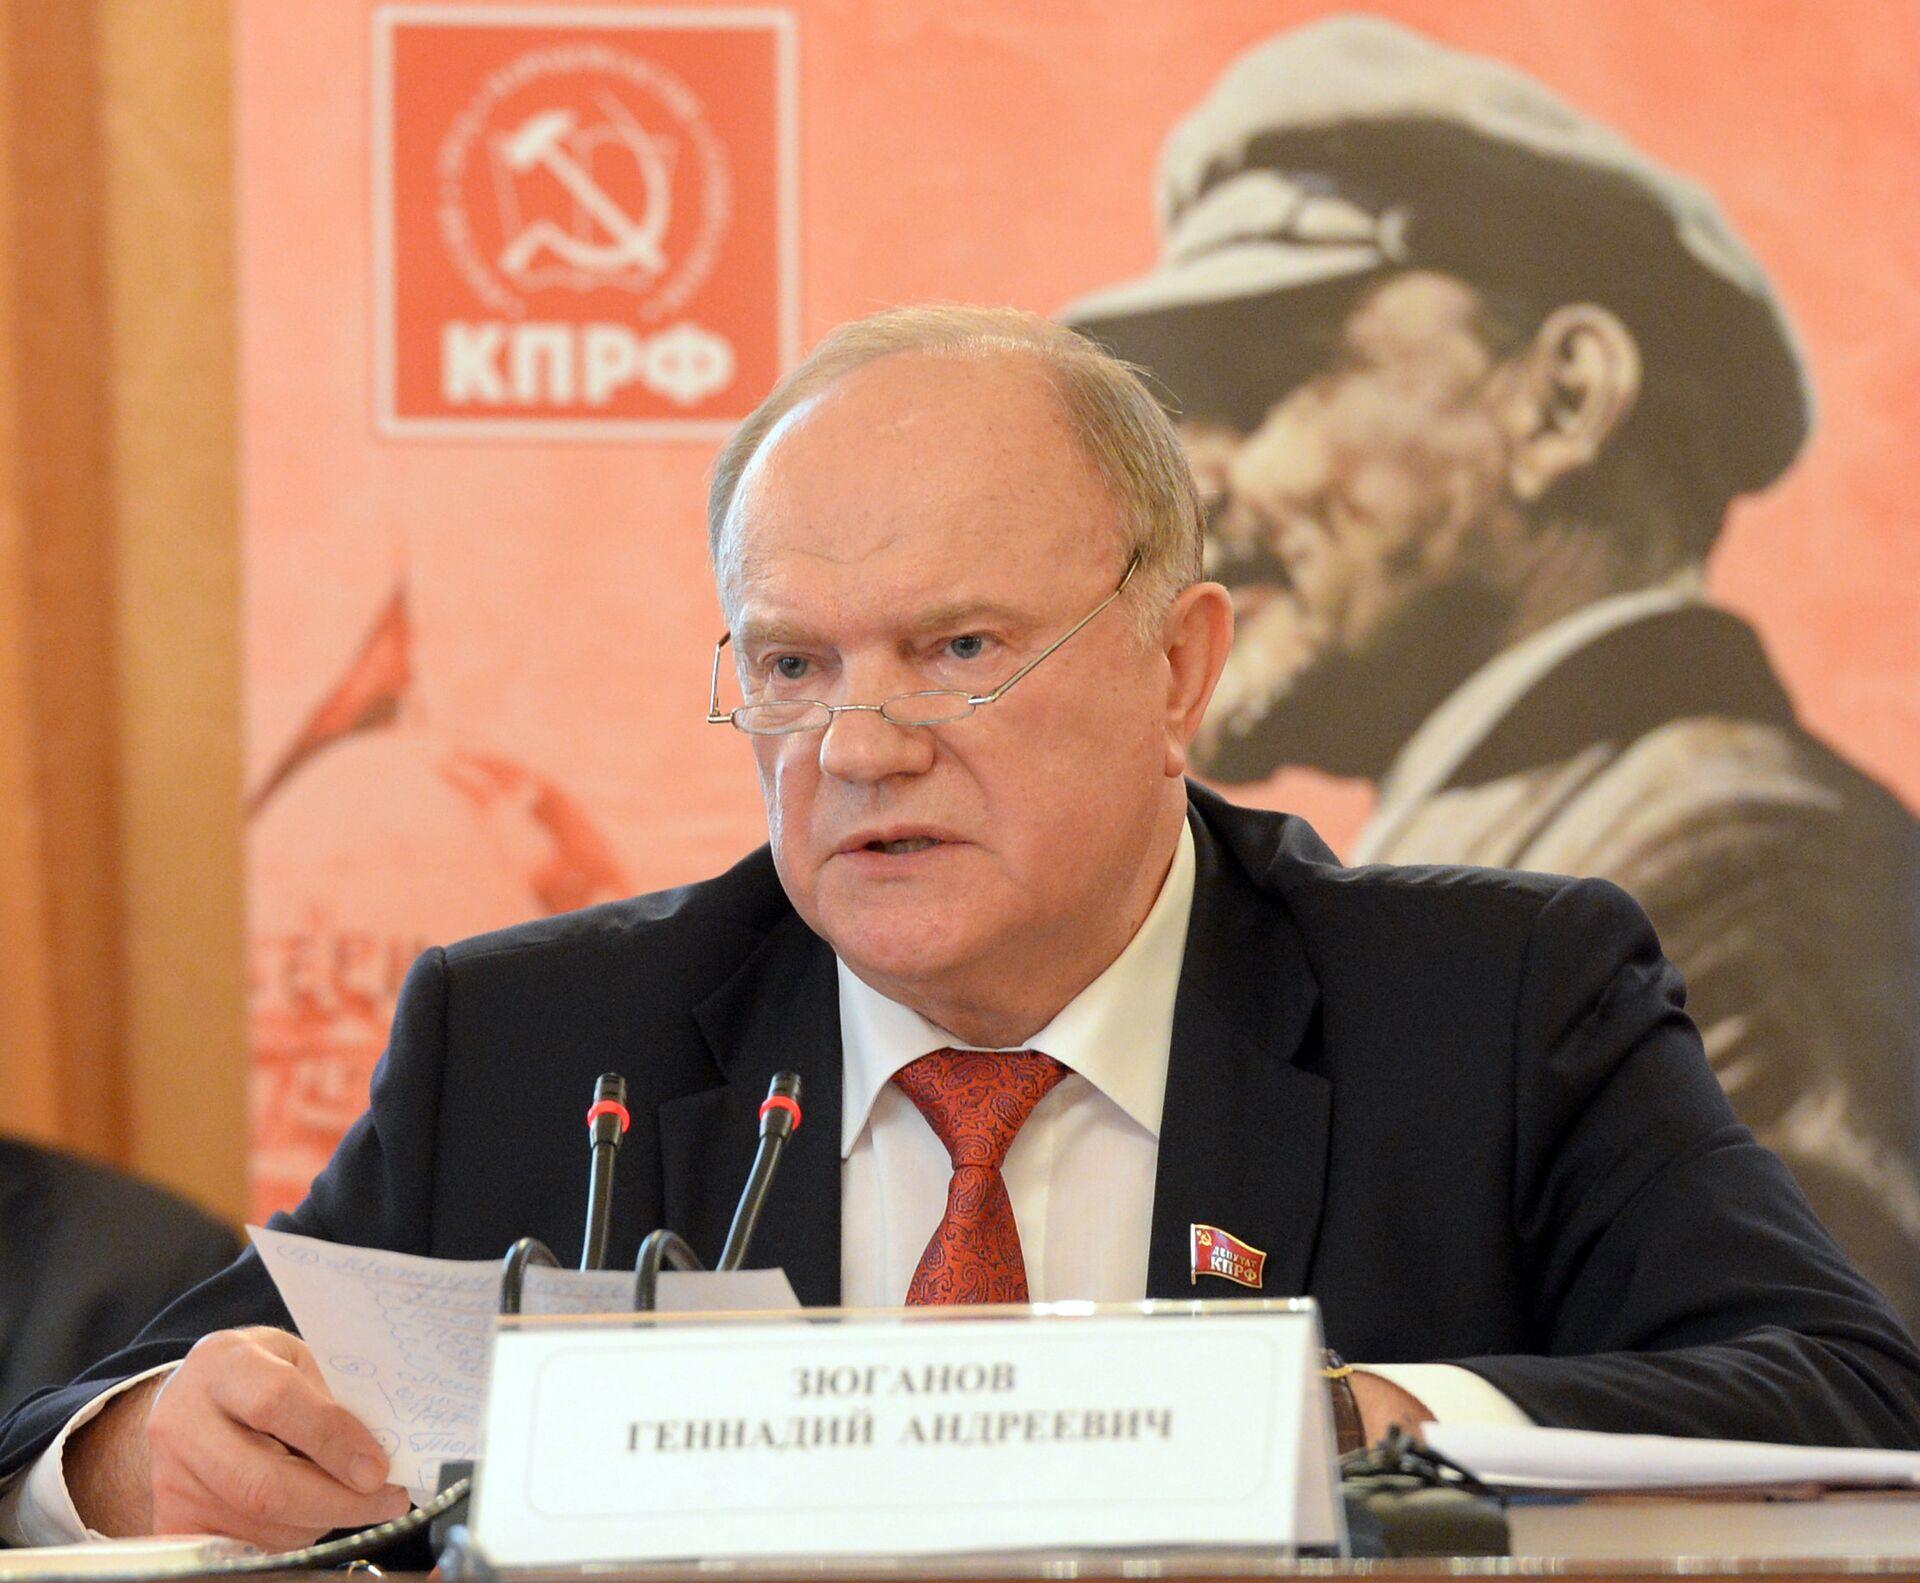 Các phái Cộng sản ở Nga sửa soạn kiện tụng nhau vì sự tan rã của Liên Xô - Sputnik Việt Nam, 1920, 30.03.2021